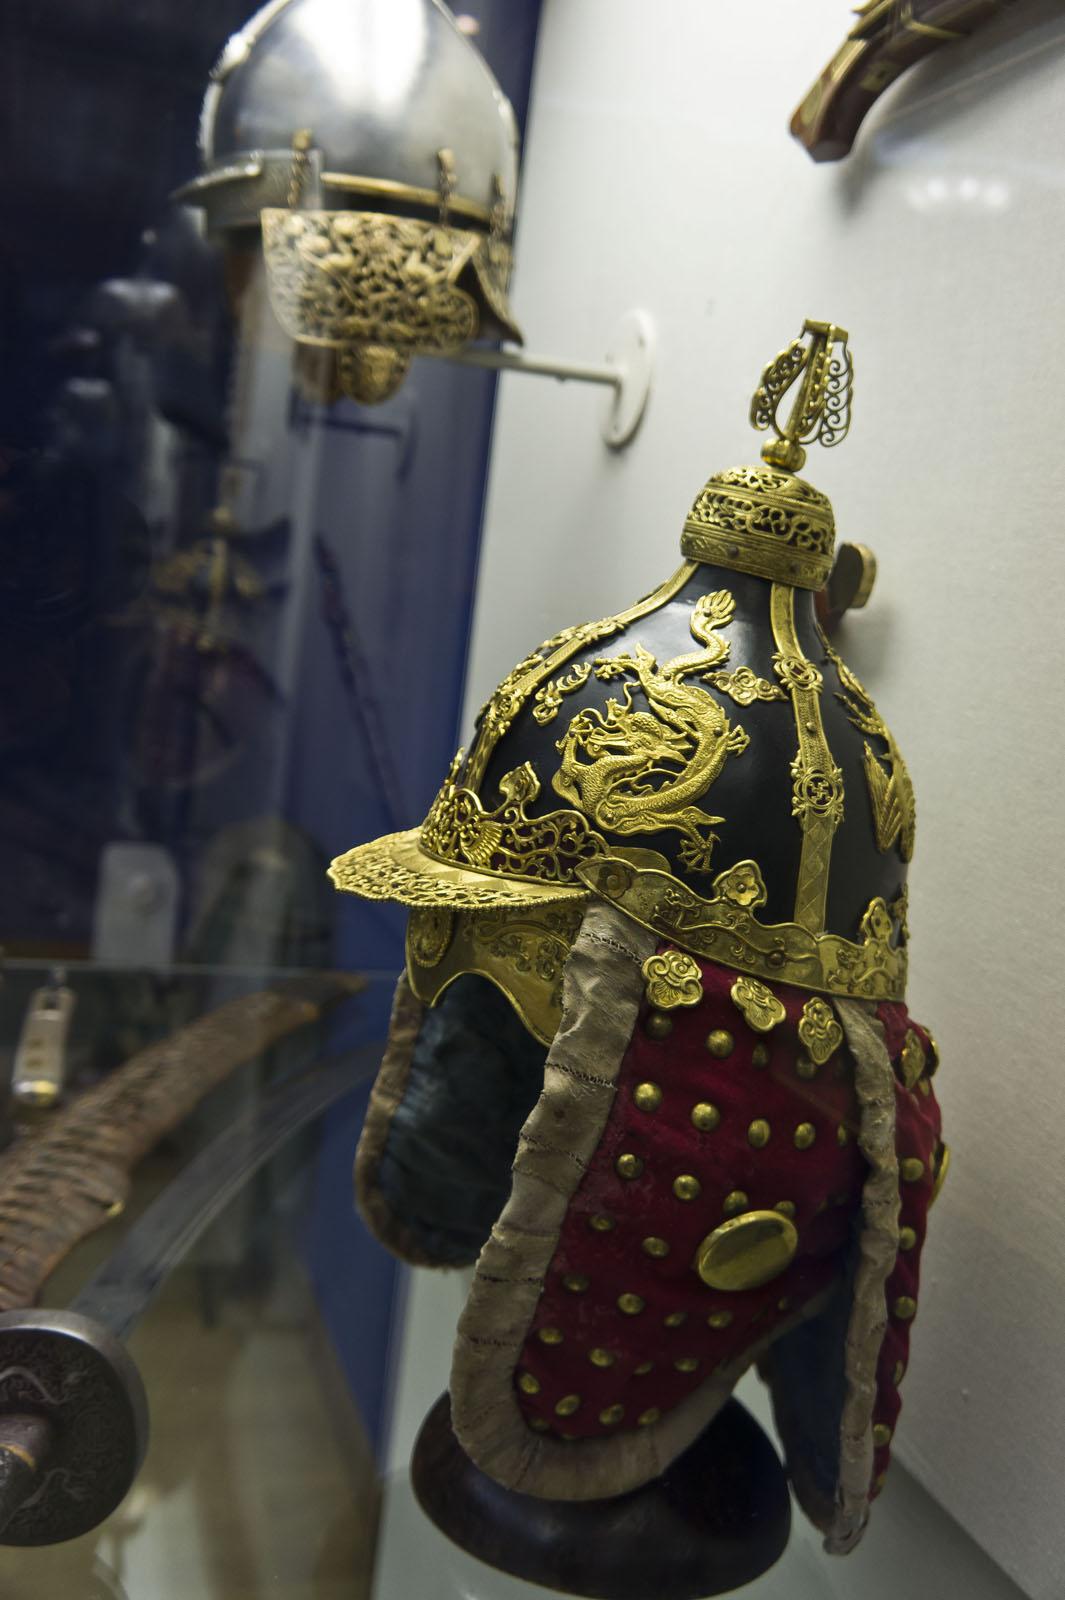 Фото №72115. Шлем, Юго-Восточная Азия